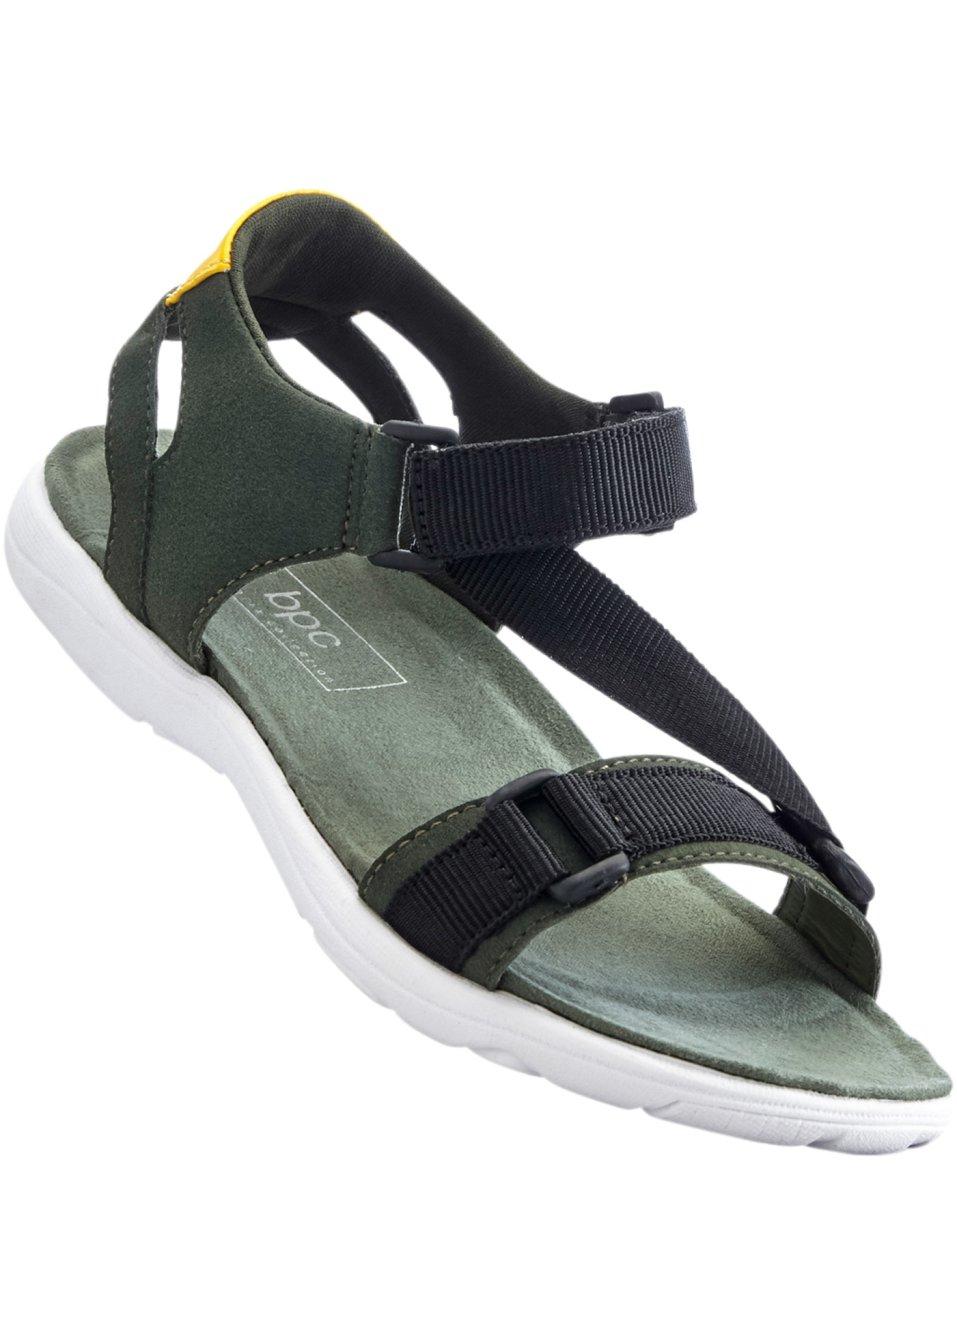 sportliche sandale mit klettverschluss oliv gelb schwarz. Black Bedroom Furniture Sets. Home Design Ideas